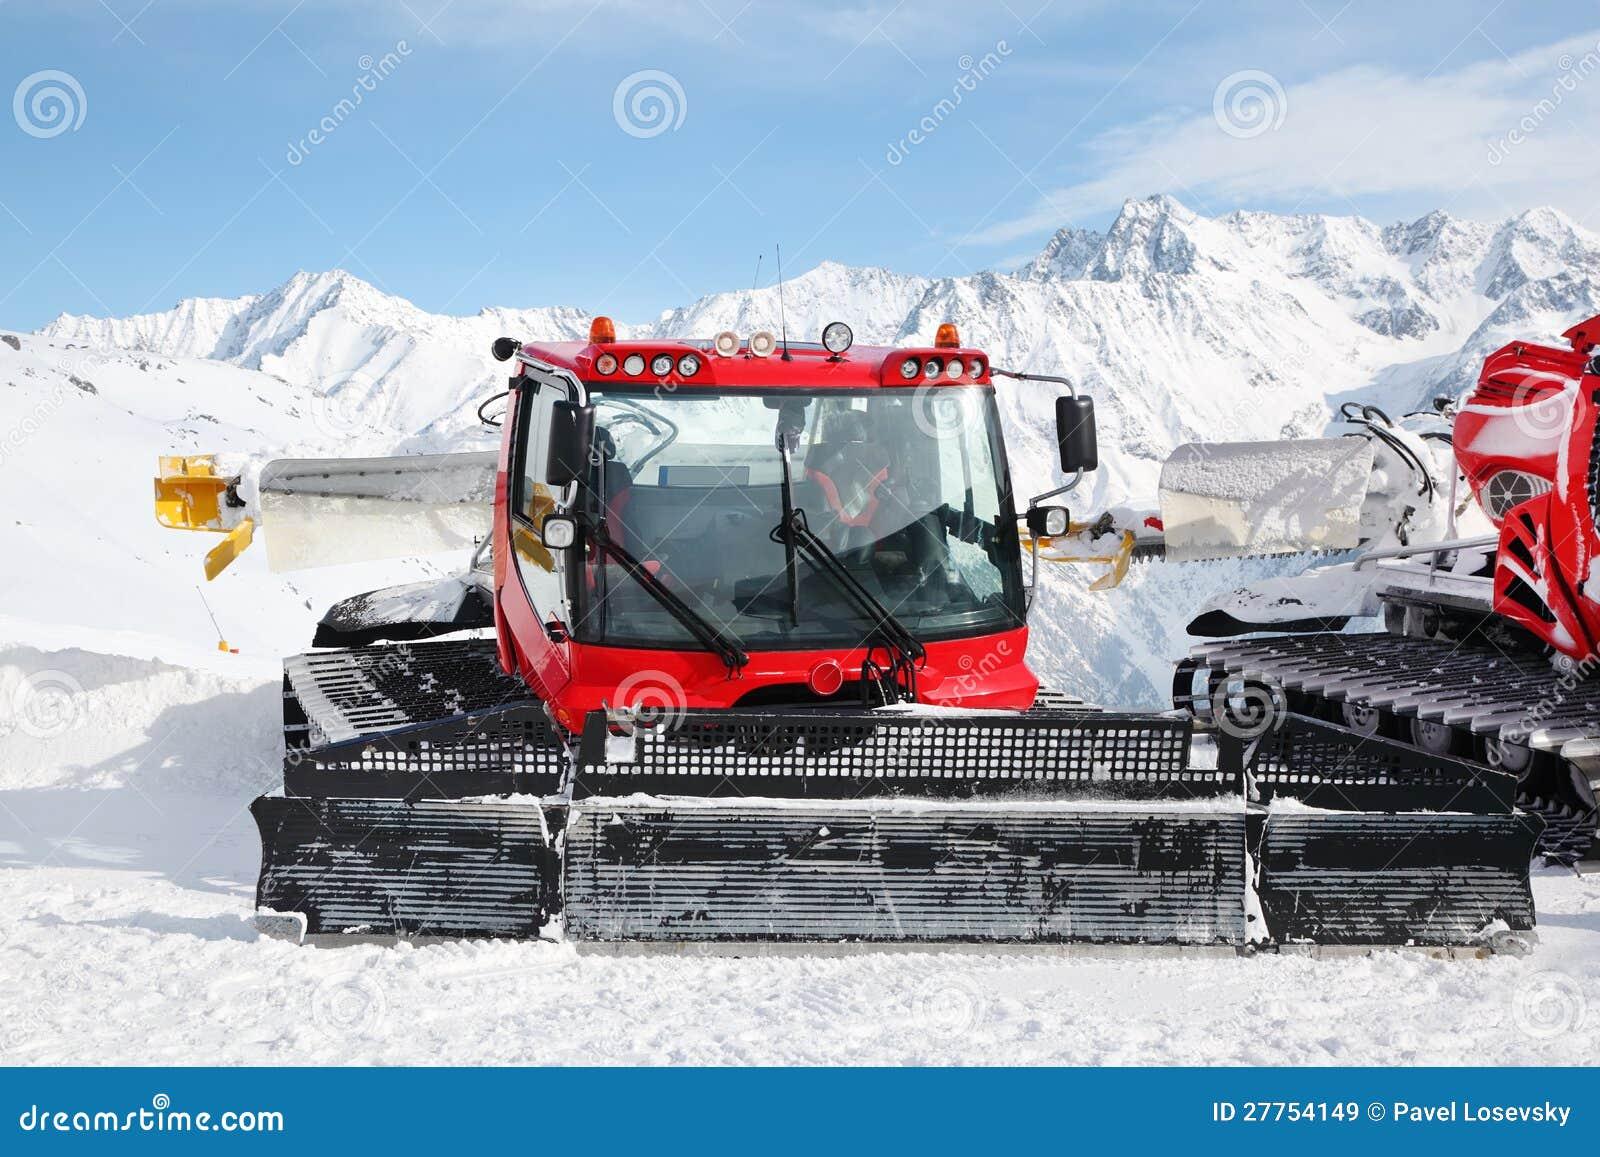 Machines pour des préparations de pente de ski